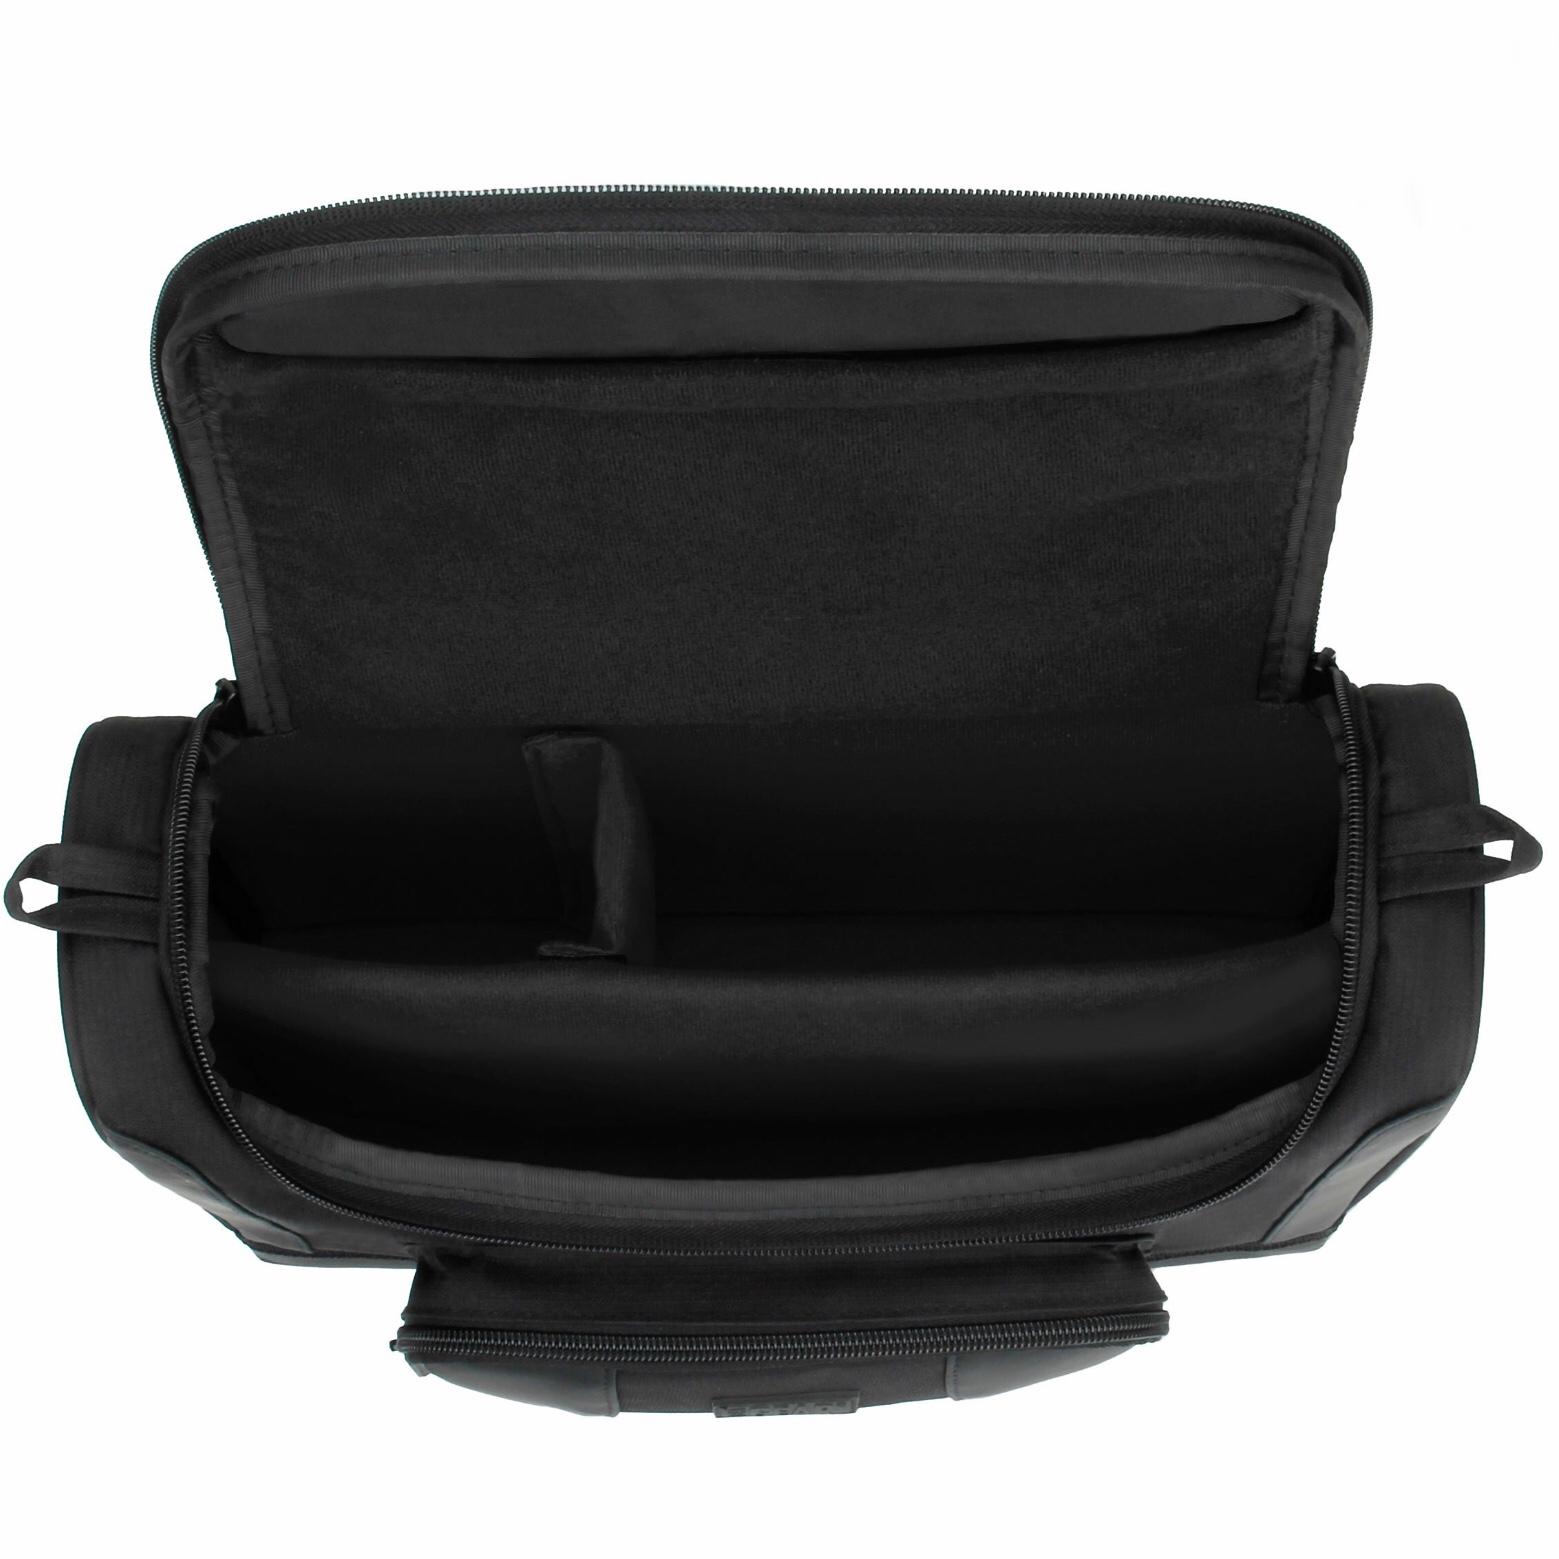 Sacoche Universelle Personnalisable 9.7 à 13.5 pouces avec poches accessoires Geartoo